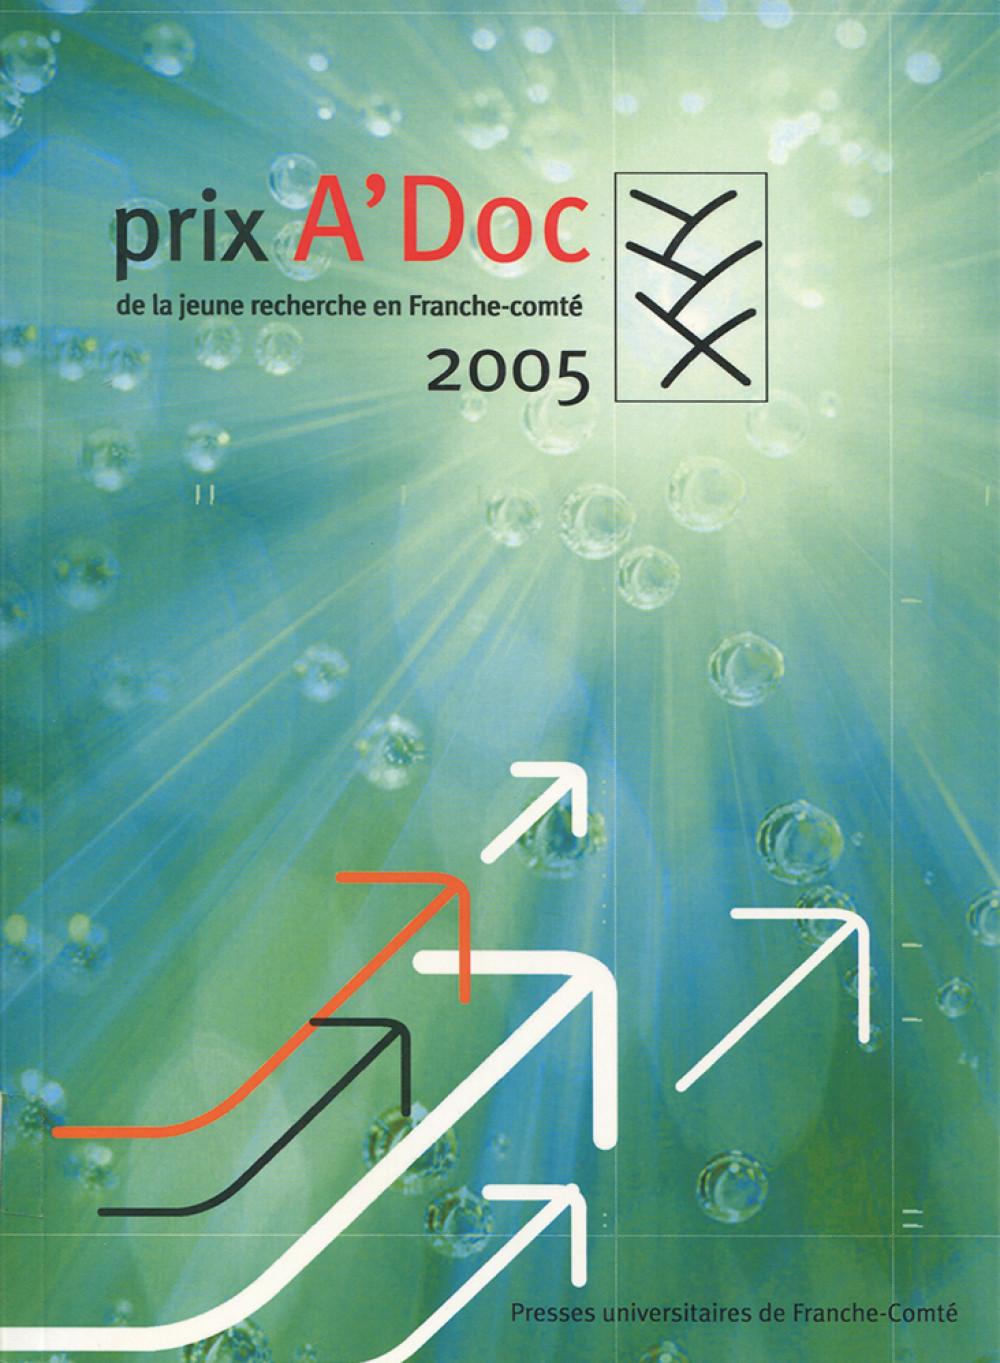 Prix A'Doc de la jeune recherche en Franche-Comté 2005